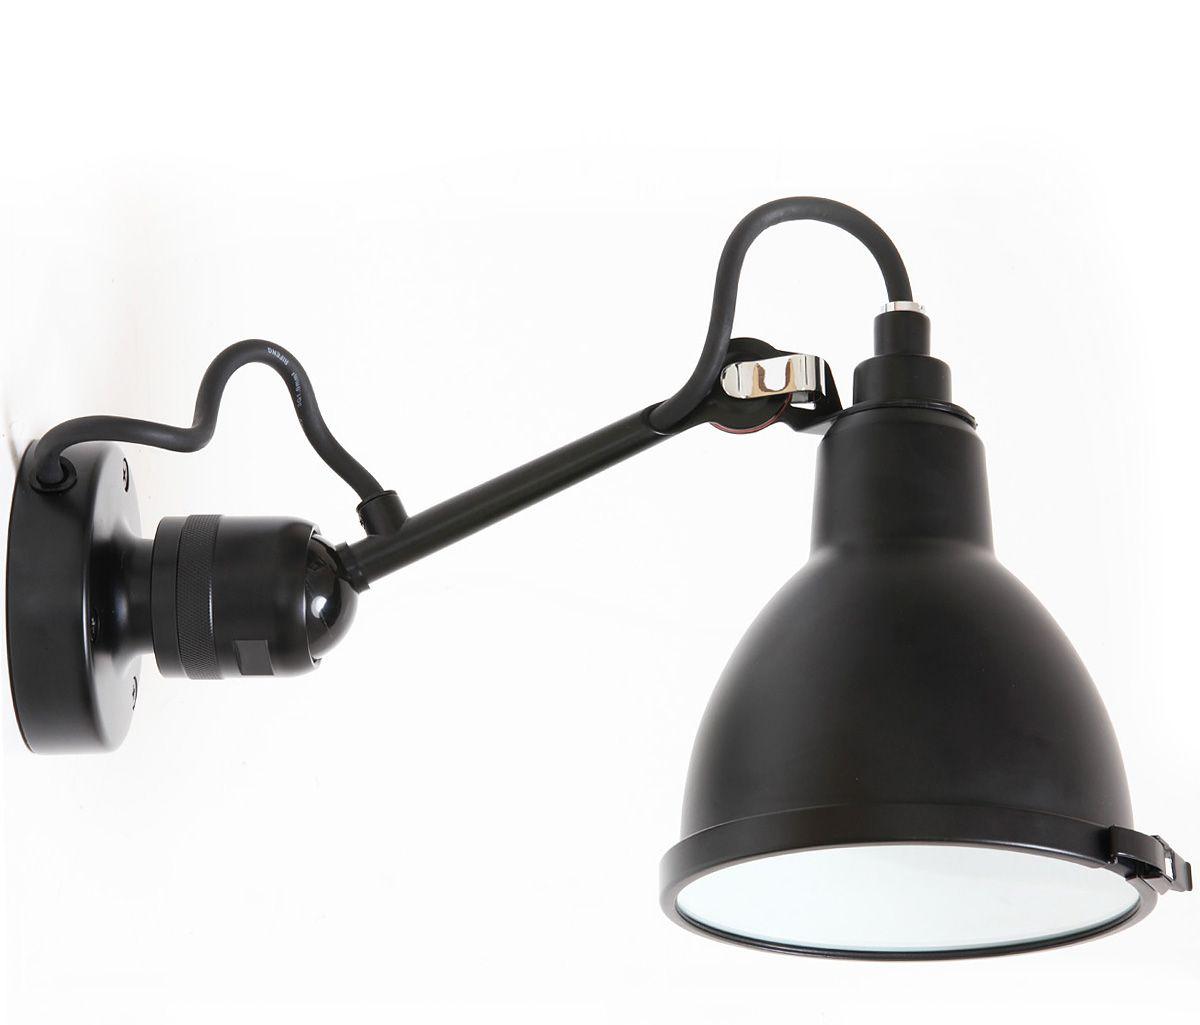 Badezimmer Wandlampe N 304 Mit Kugelgelenk Von Lampe Gras Bild 1 Badezimmer Wandlampe Mit Gelenk N 304 Mit Sch Badezimmer Wandlampe Lampe Lampe Badezimmer